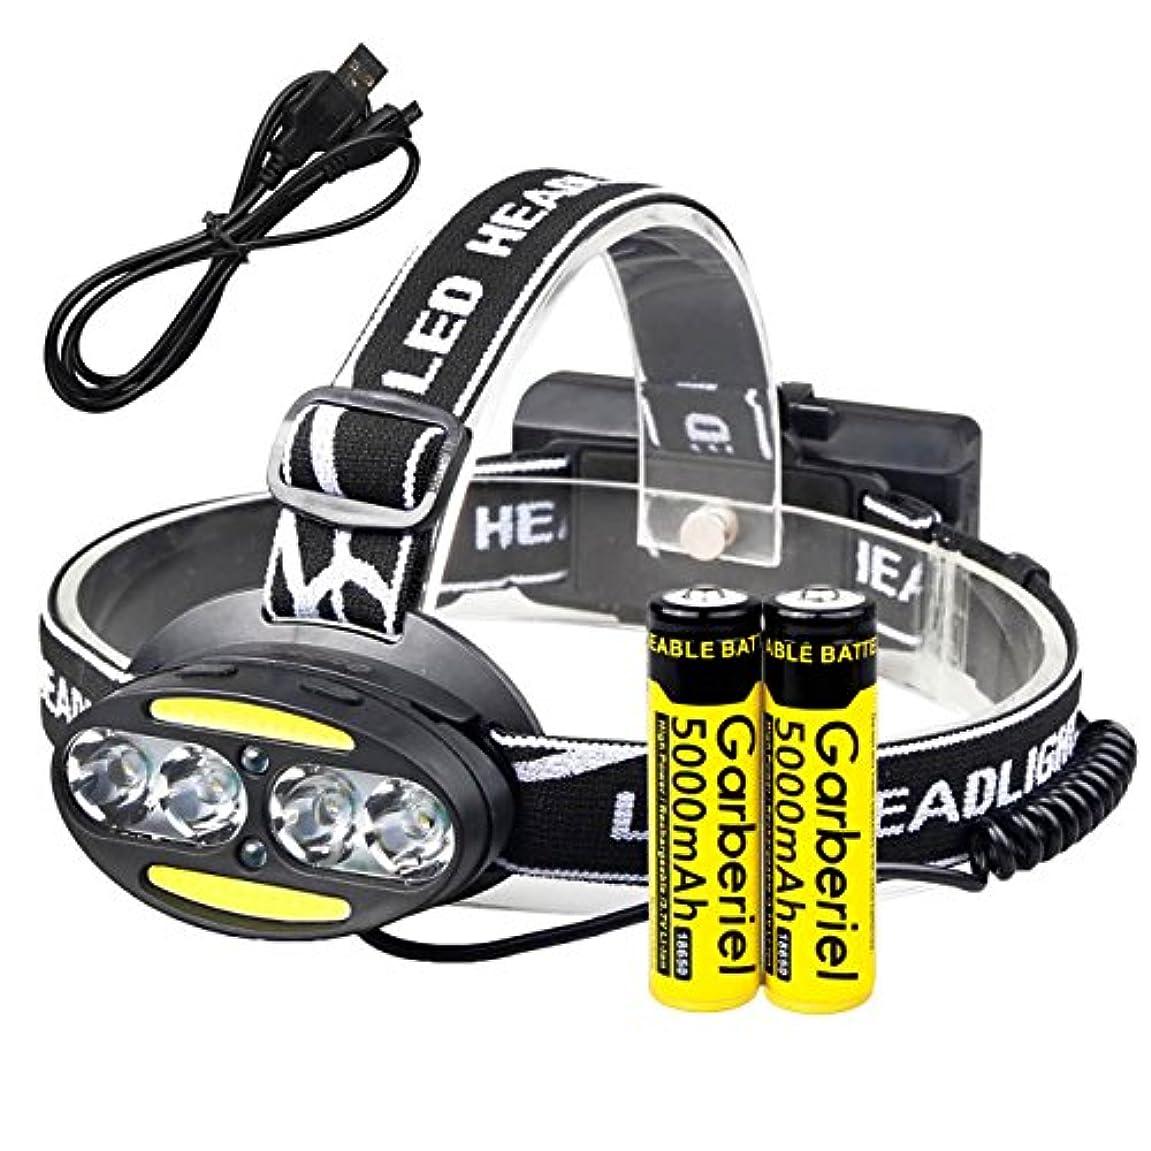 パワー崇拝します過度にLED 超高輝度 ヘッドライト COBヘッドランプ 7つ点灯モード USB 电缆 と 2 * 18500電池を持って防水 登山 アウトドア 夜釣り 防災用 ズーム?SOSフラッシュ機能